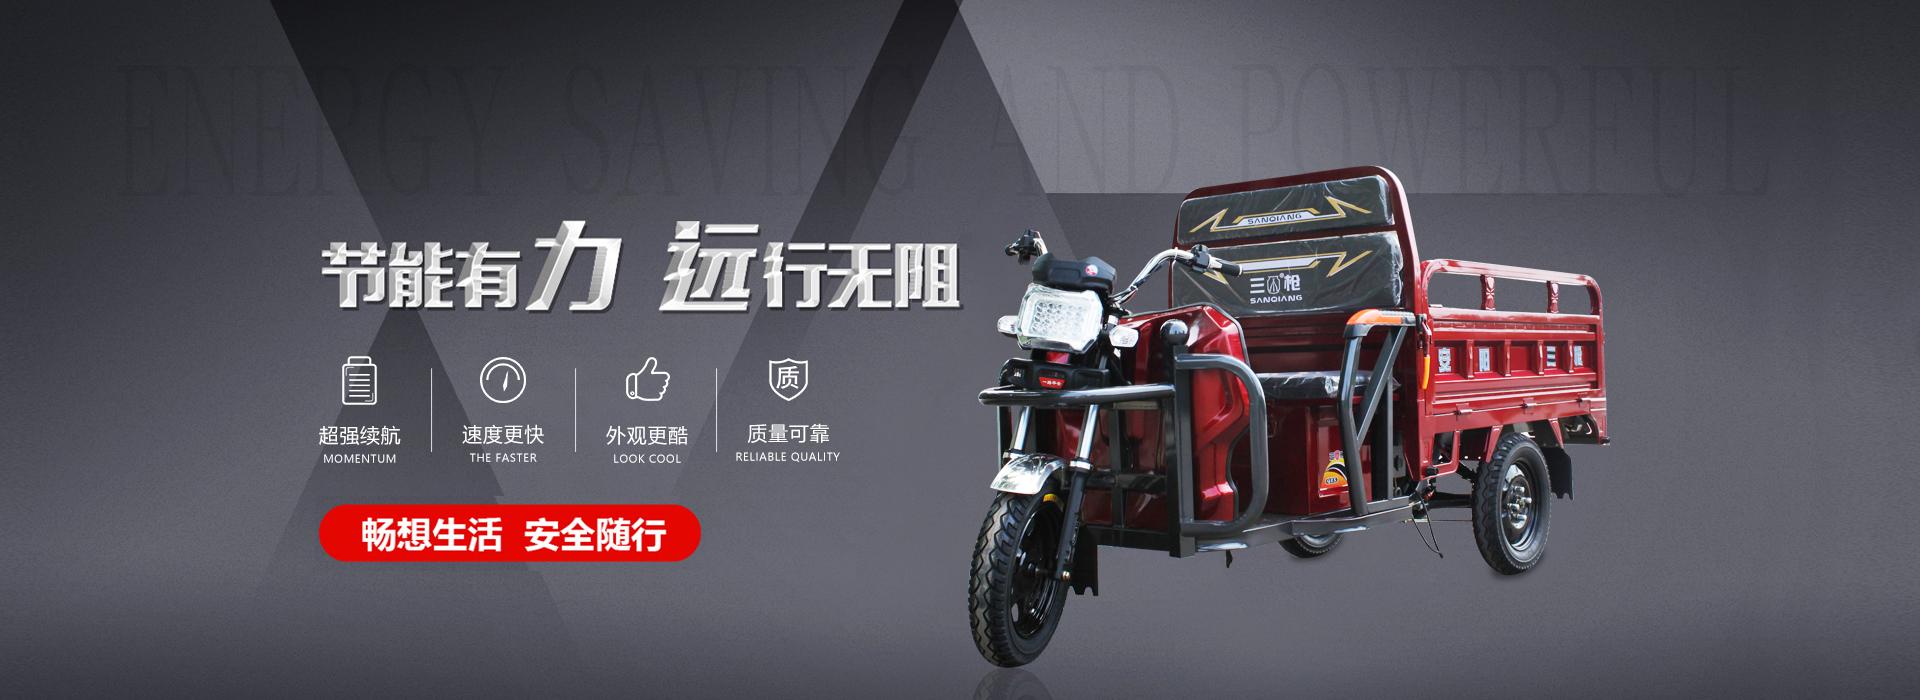 河南电动三轮车,电动三轮车厂家,液压机油箱配件